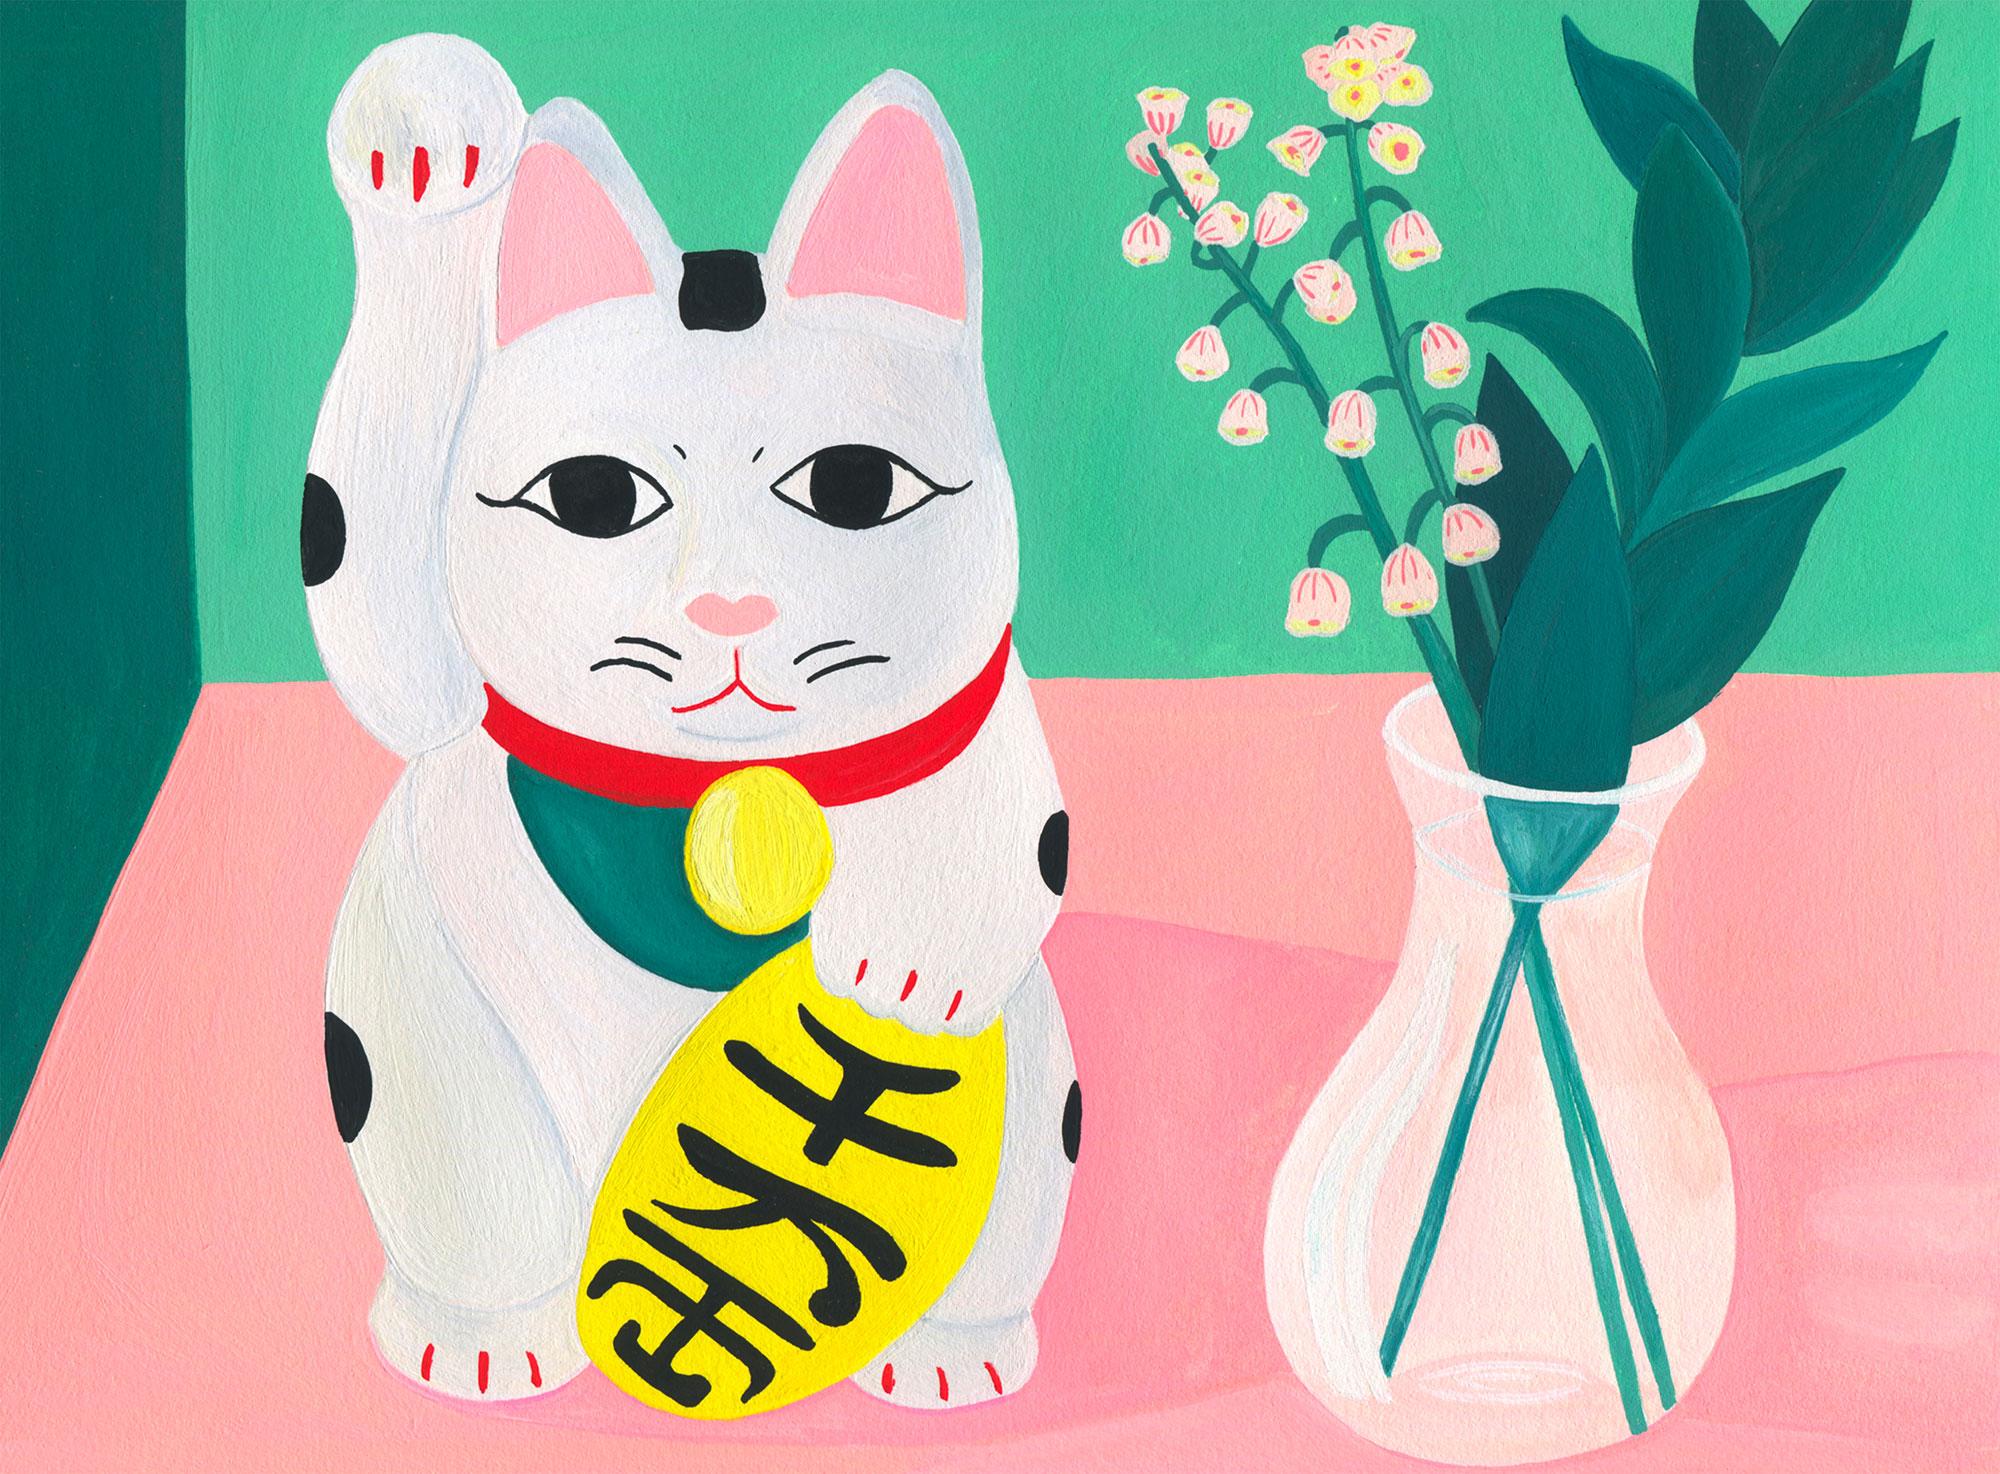 illustration-mariepellet-illustratrice-gouache-projet-personnel-lucky-cat-chat-tirelire-japon-plante-fleurs